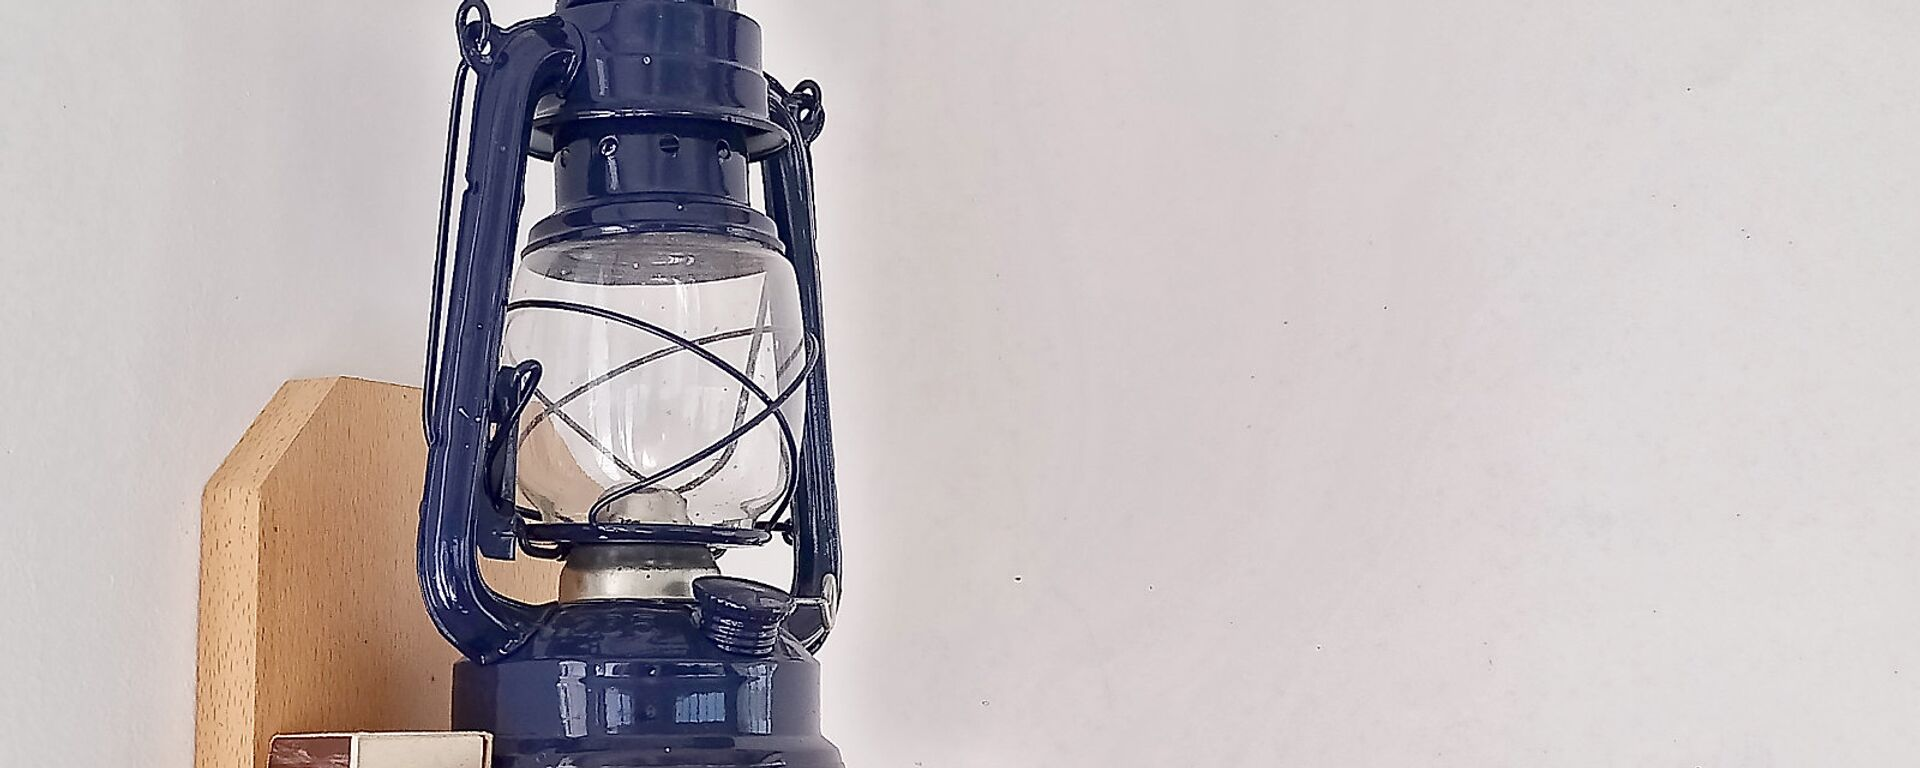 Керосиновая лампа - Sputnik Армения, 1920, 22.09.2021